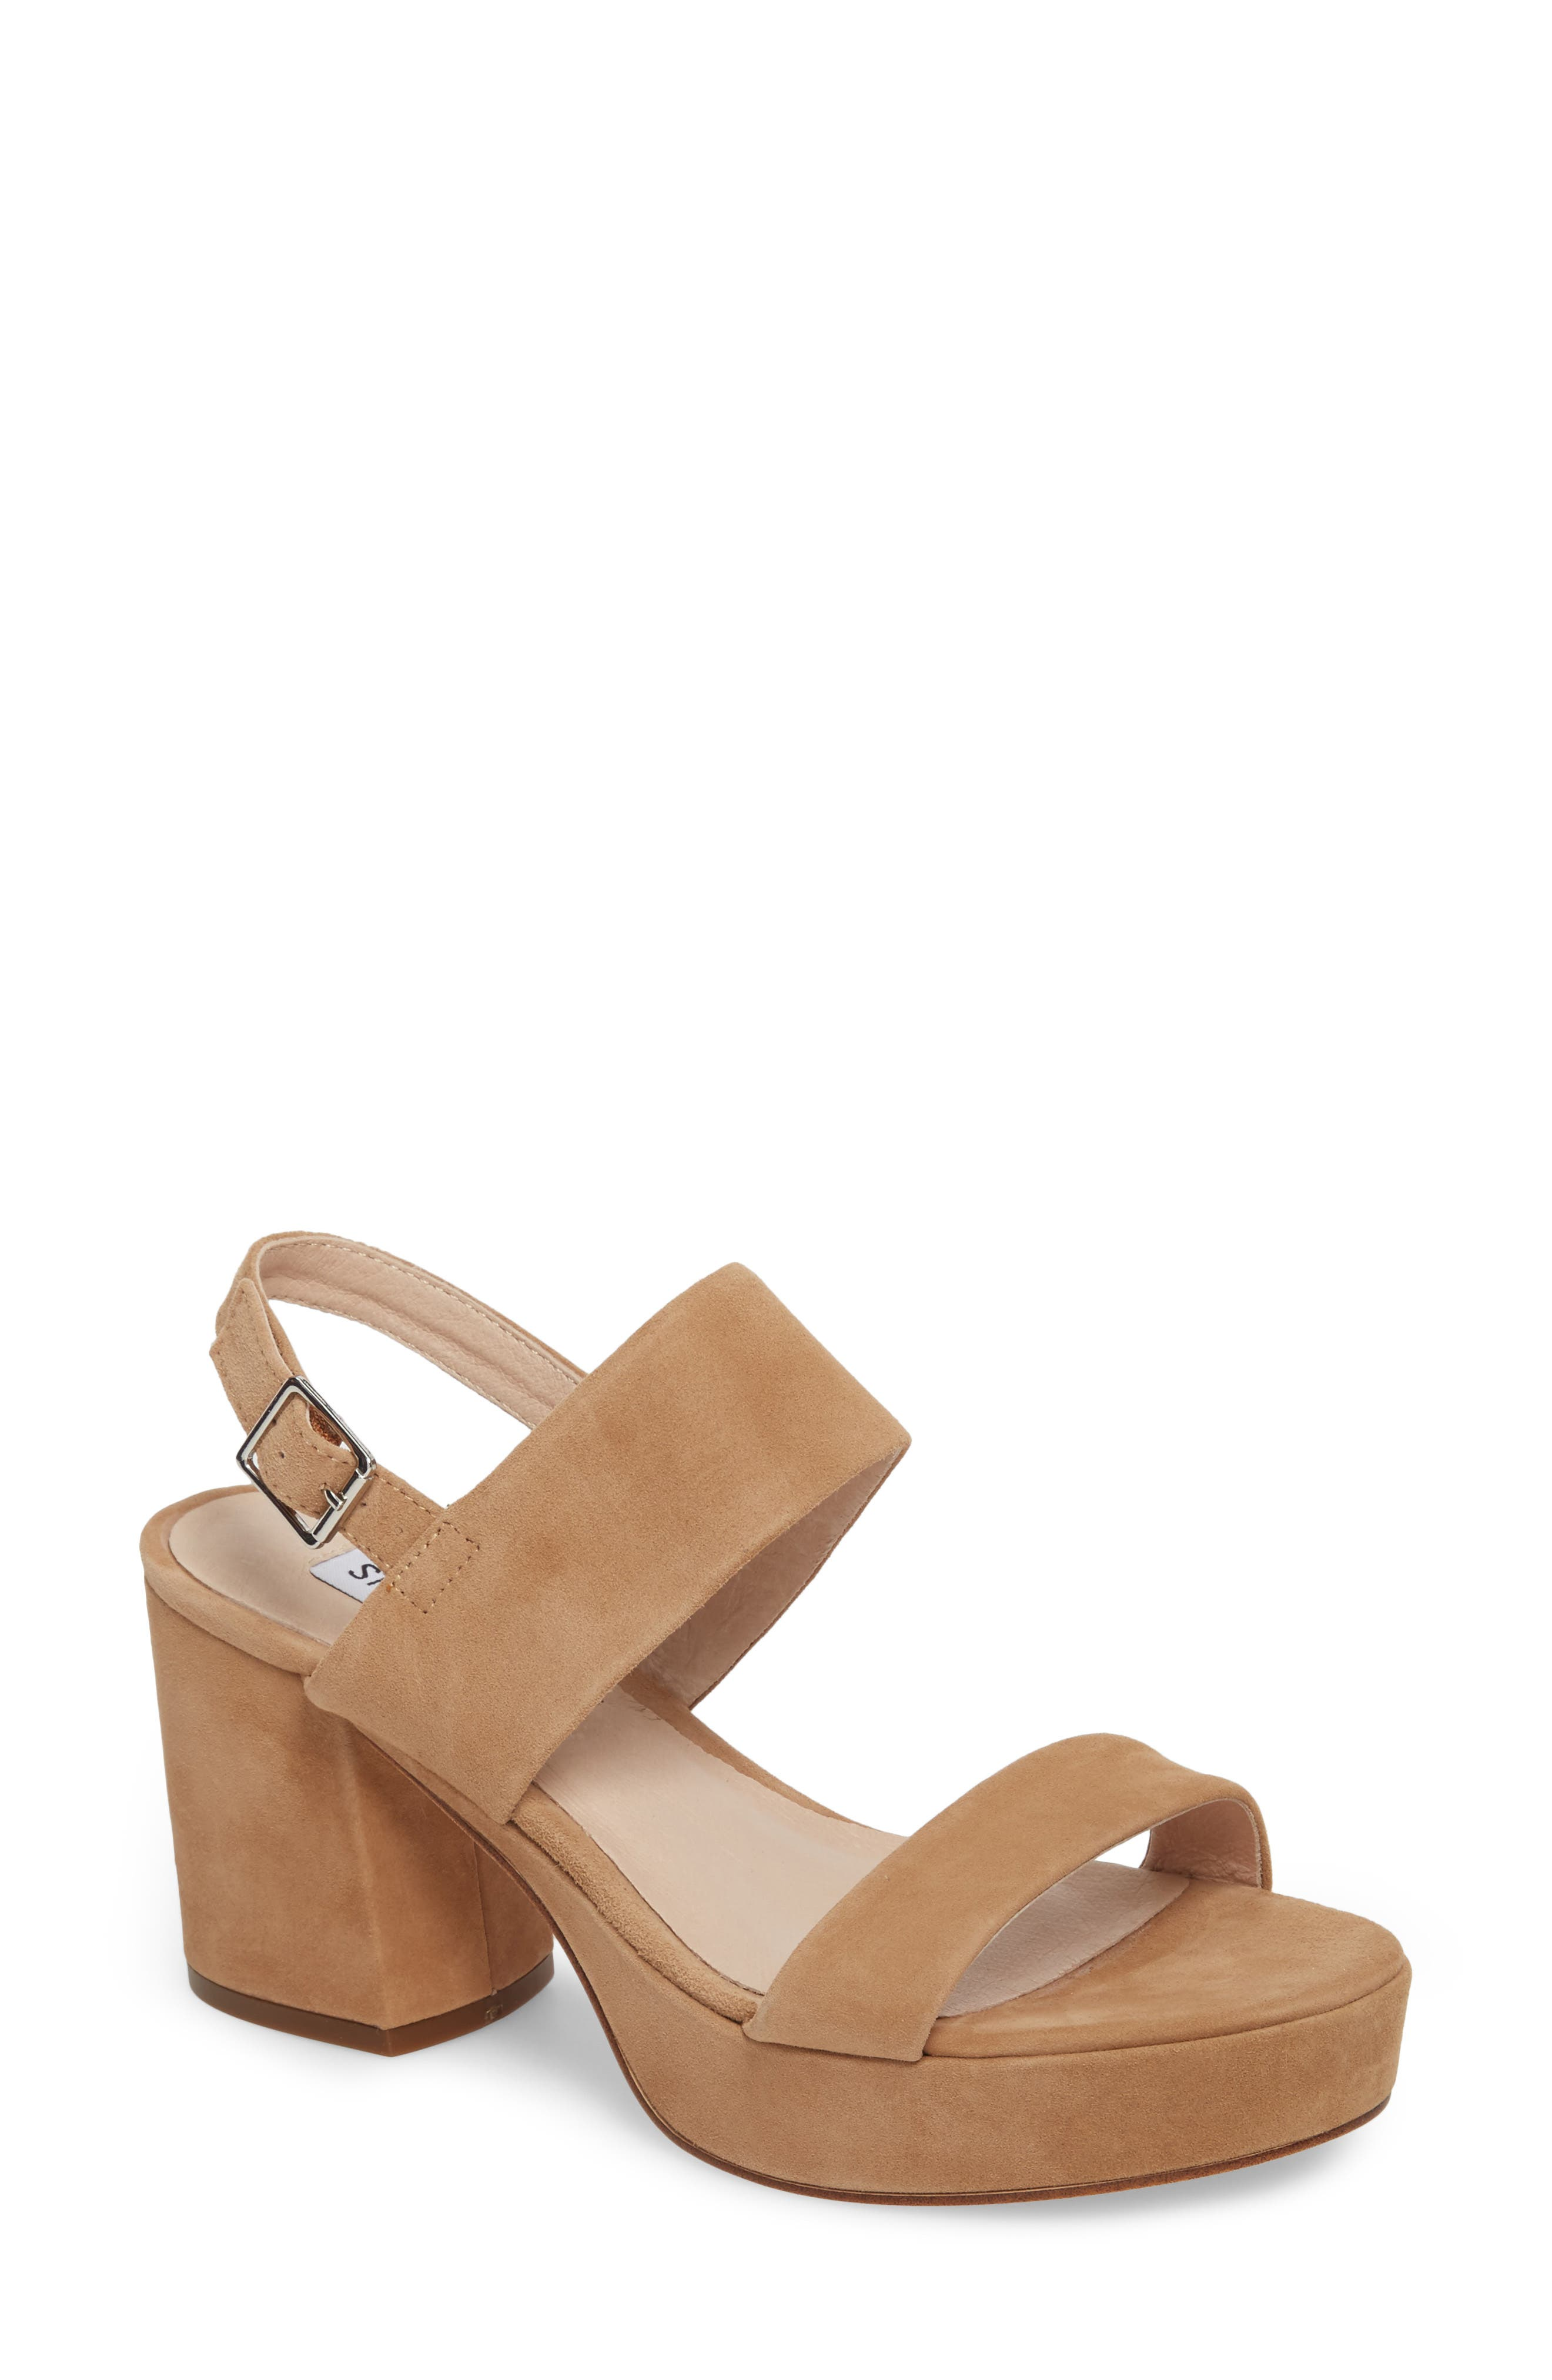 Reba Slingback Platform Sandal,                         Main,                         color, TAN SUEDE